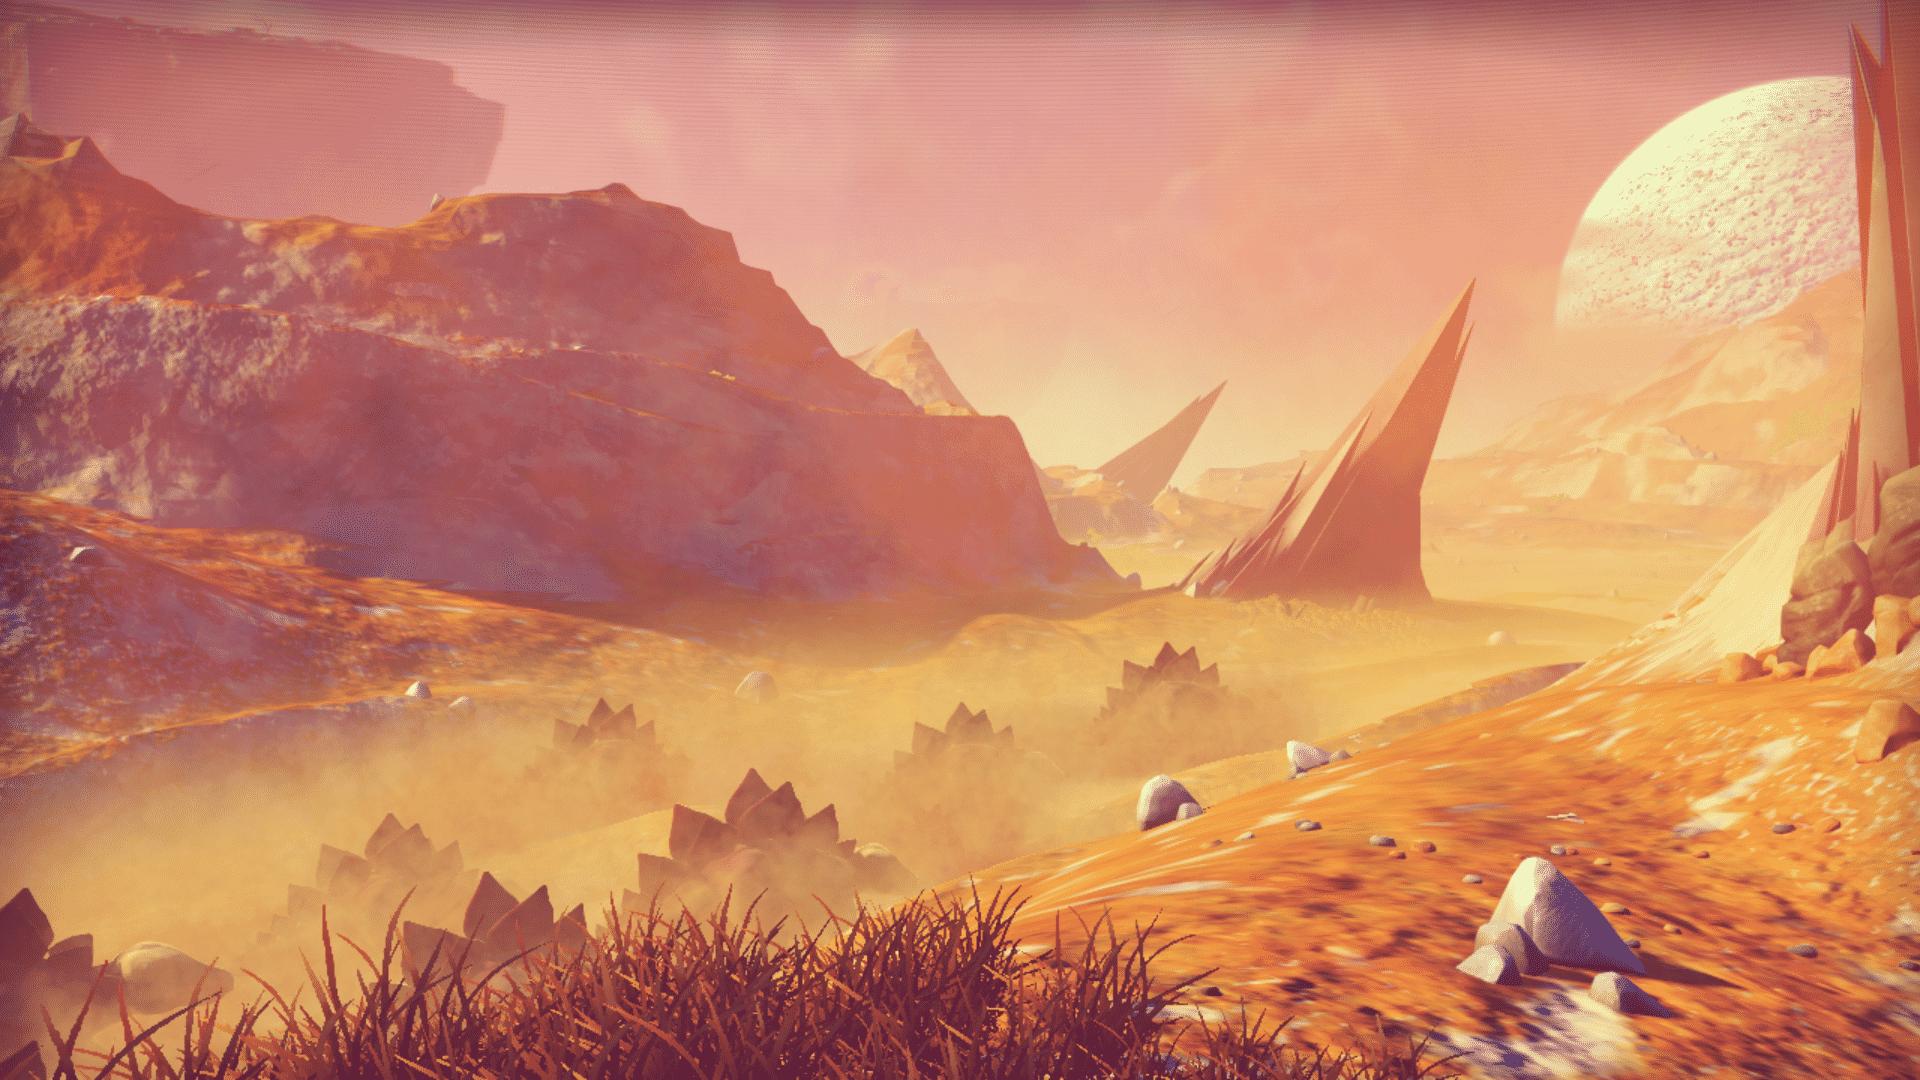 A herd of alien beasts